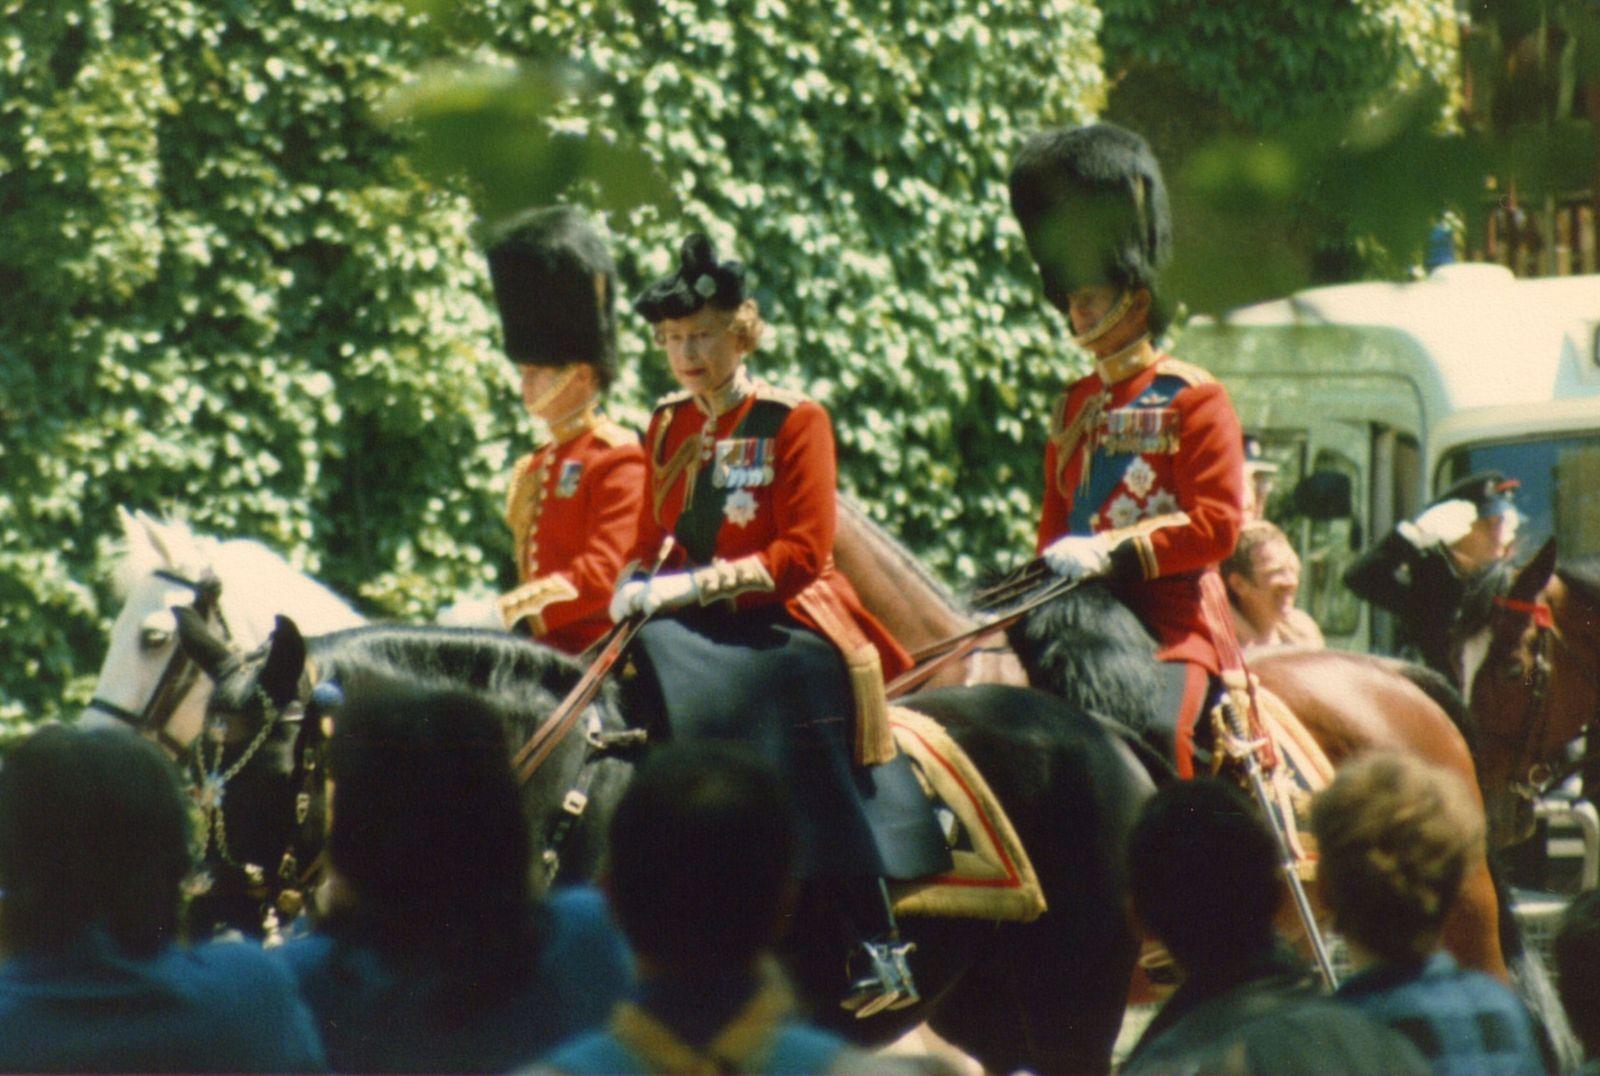 P.S.: Vous connaissez tous la passion de la Reine pour les Corgis. Mais saviez vous que les canadiens lui ont offert une jument nommée Burmese ? Une jument au pied sûr que la Reine pouvait maitriser en toutes circonstances.